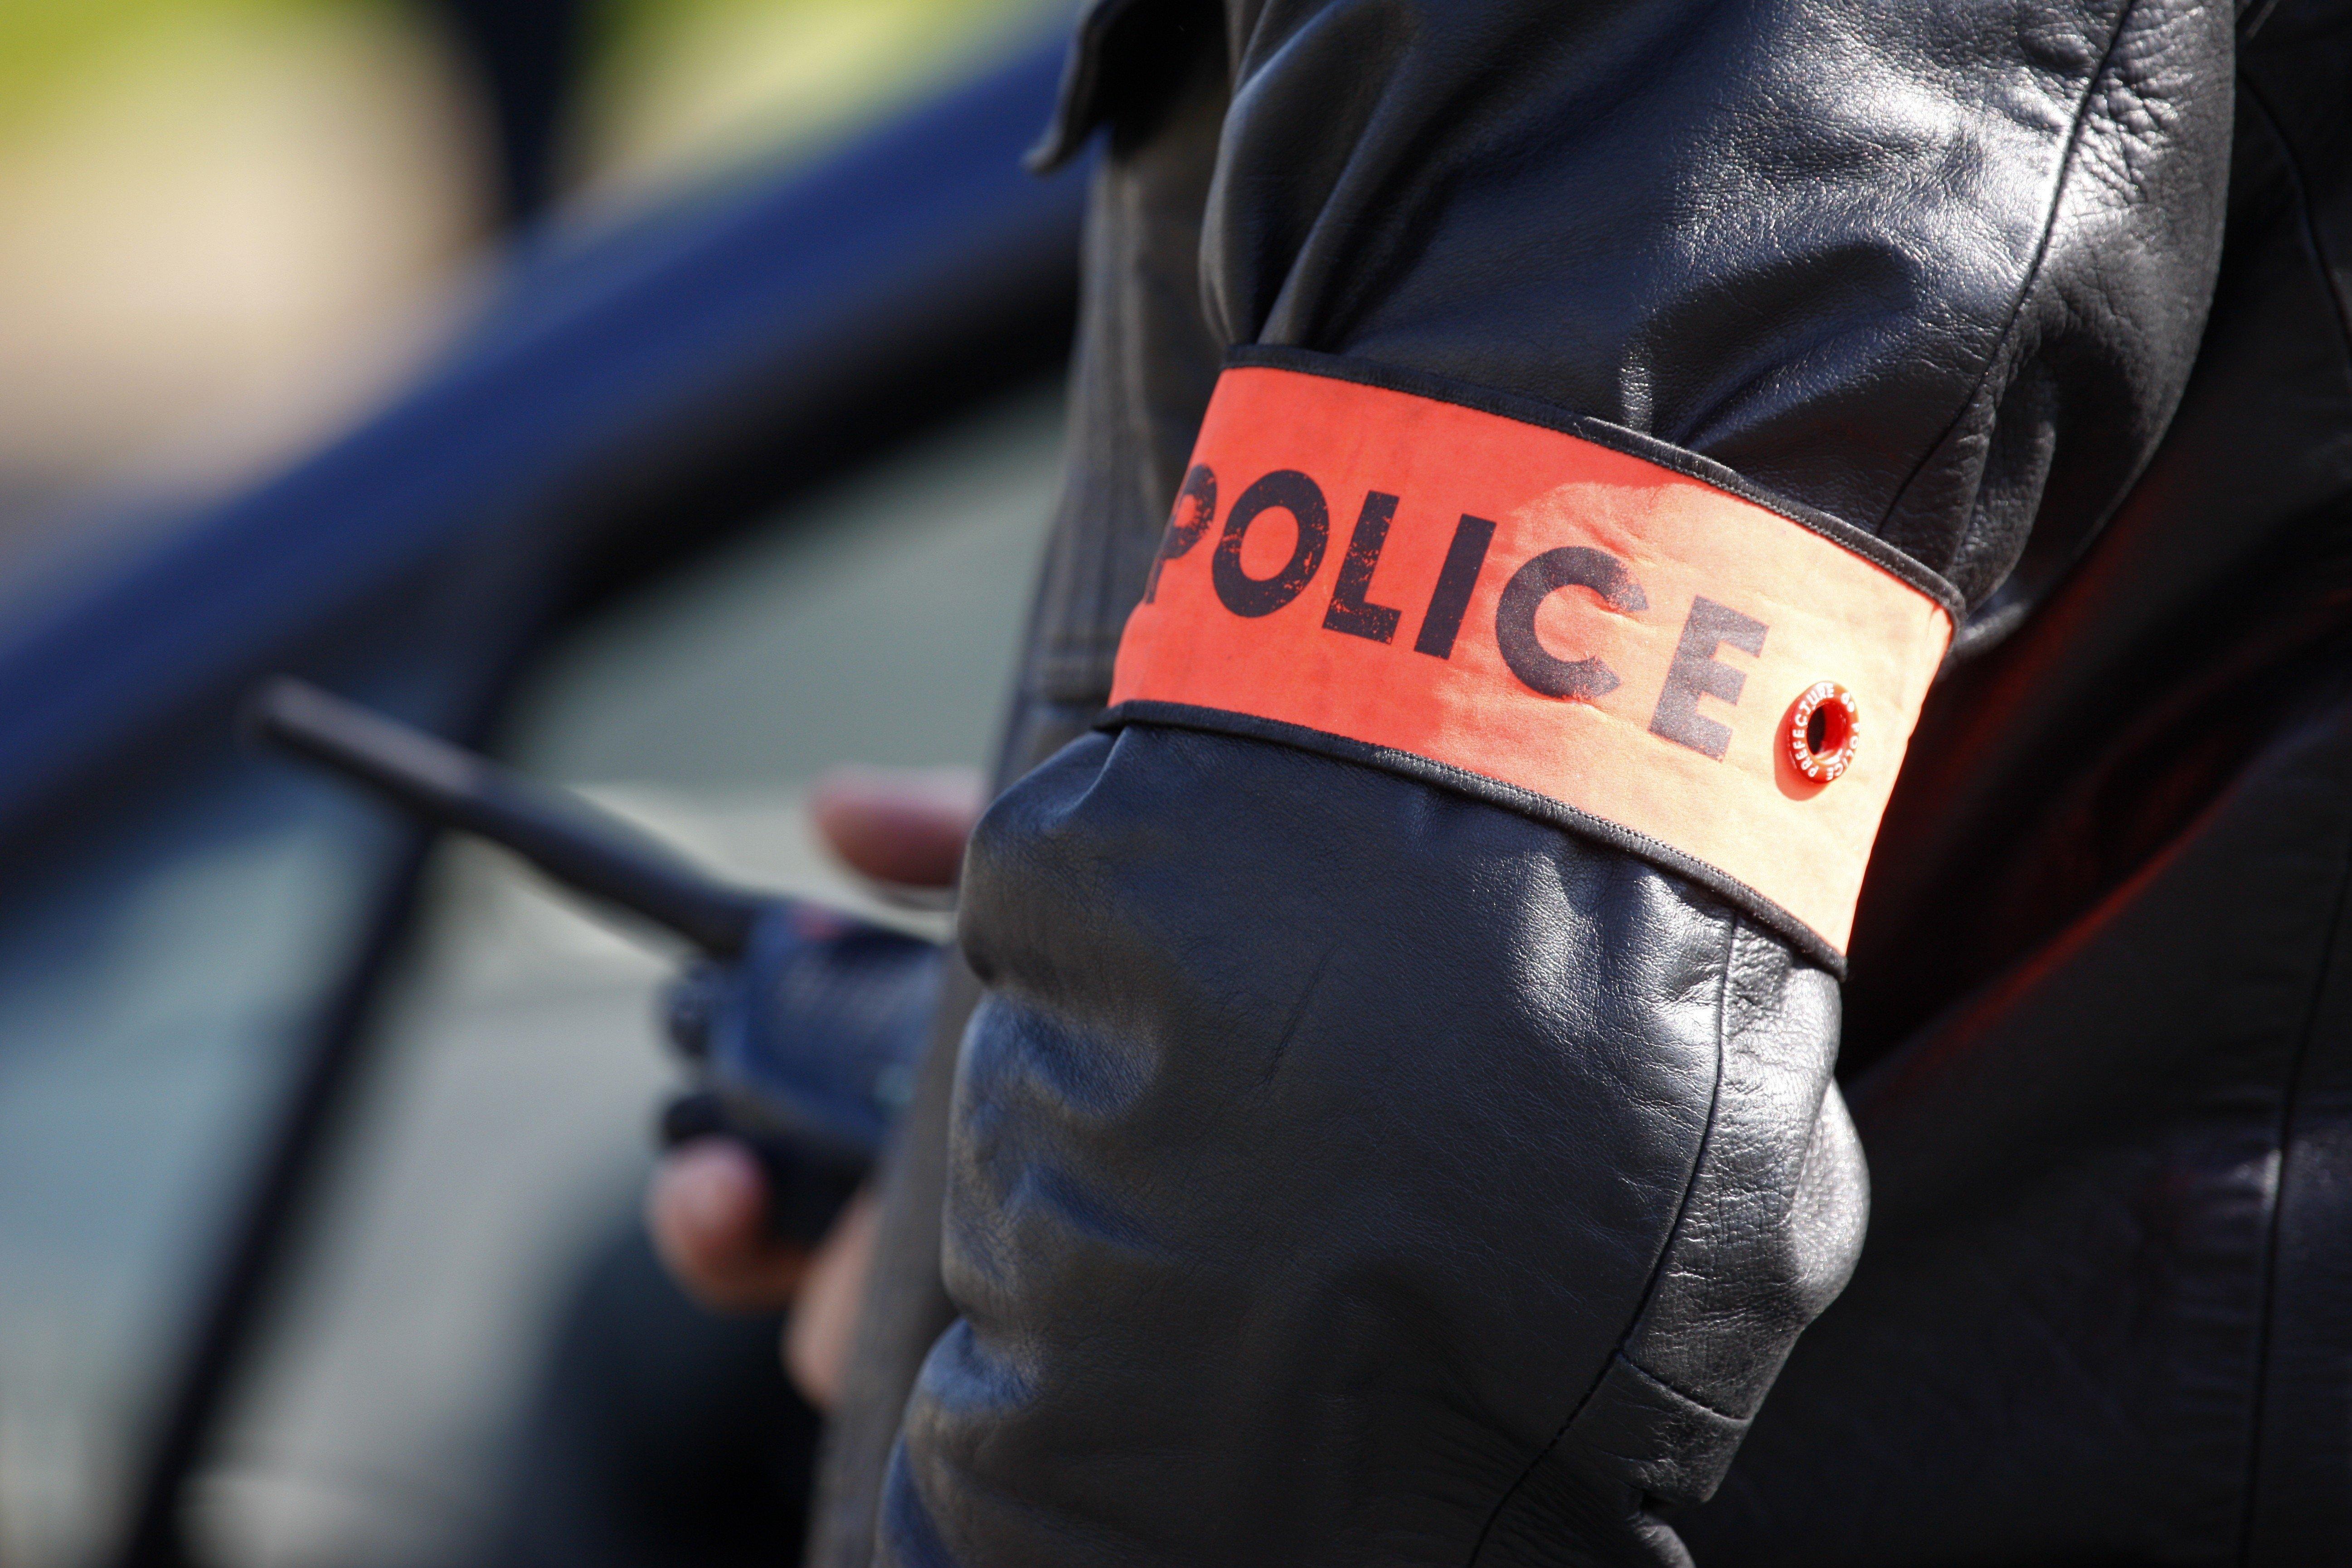 Επίθεση με μαχαίρι στη νότια Γαλλία: Πληροφορίες για έναν